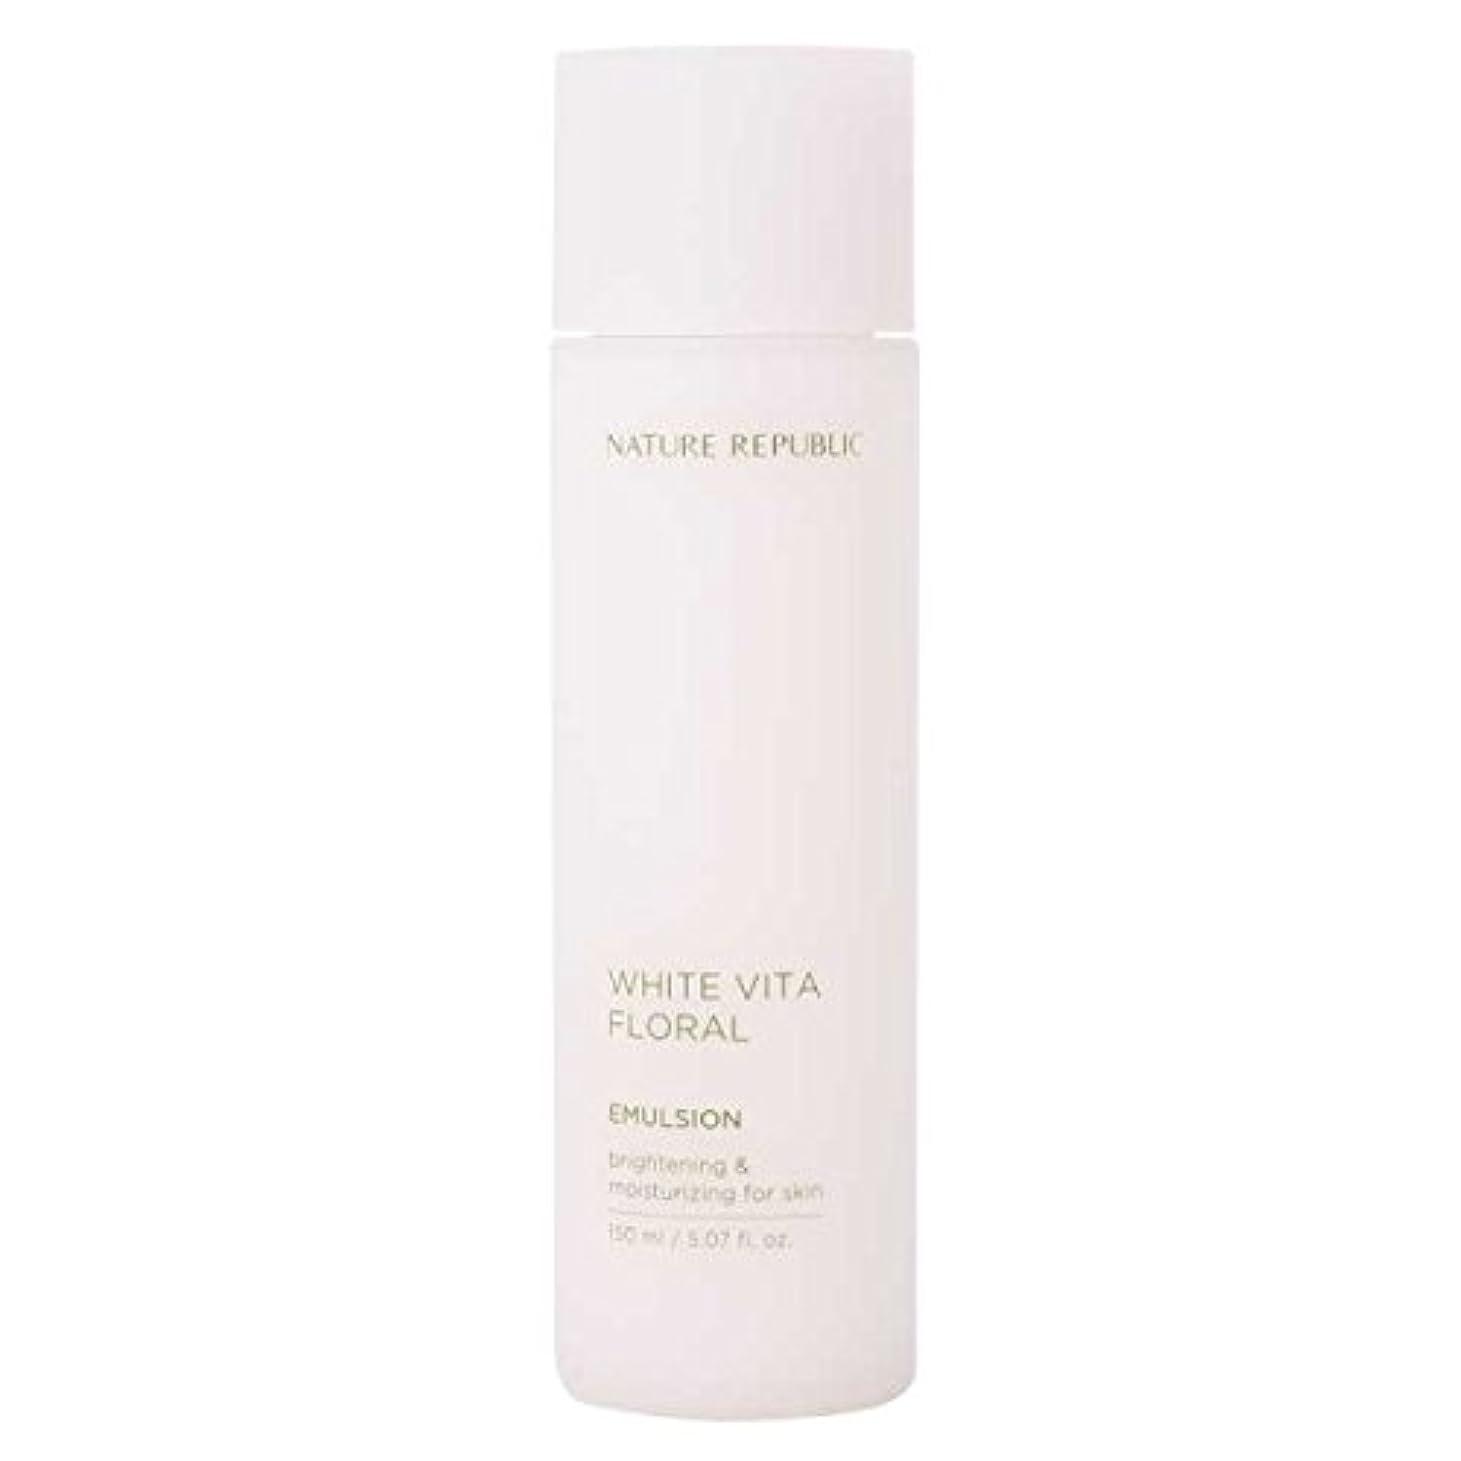 貫通する知的開いた[Renewal] NATURE REPUBLIC White Vita Floral Emulsion / ネイチャーリパブリック ホワイトヴィータフローラルエマルジョン150ml [並行輸入品]